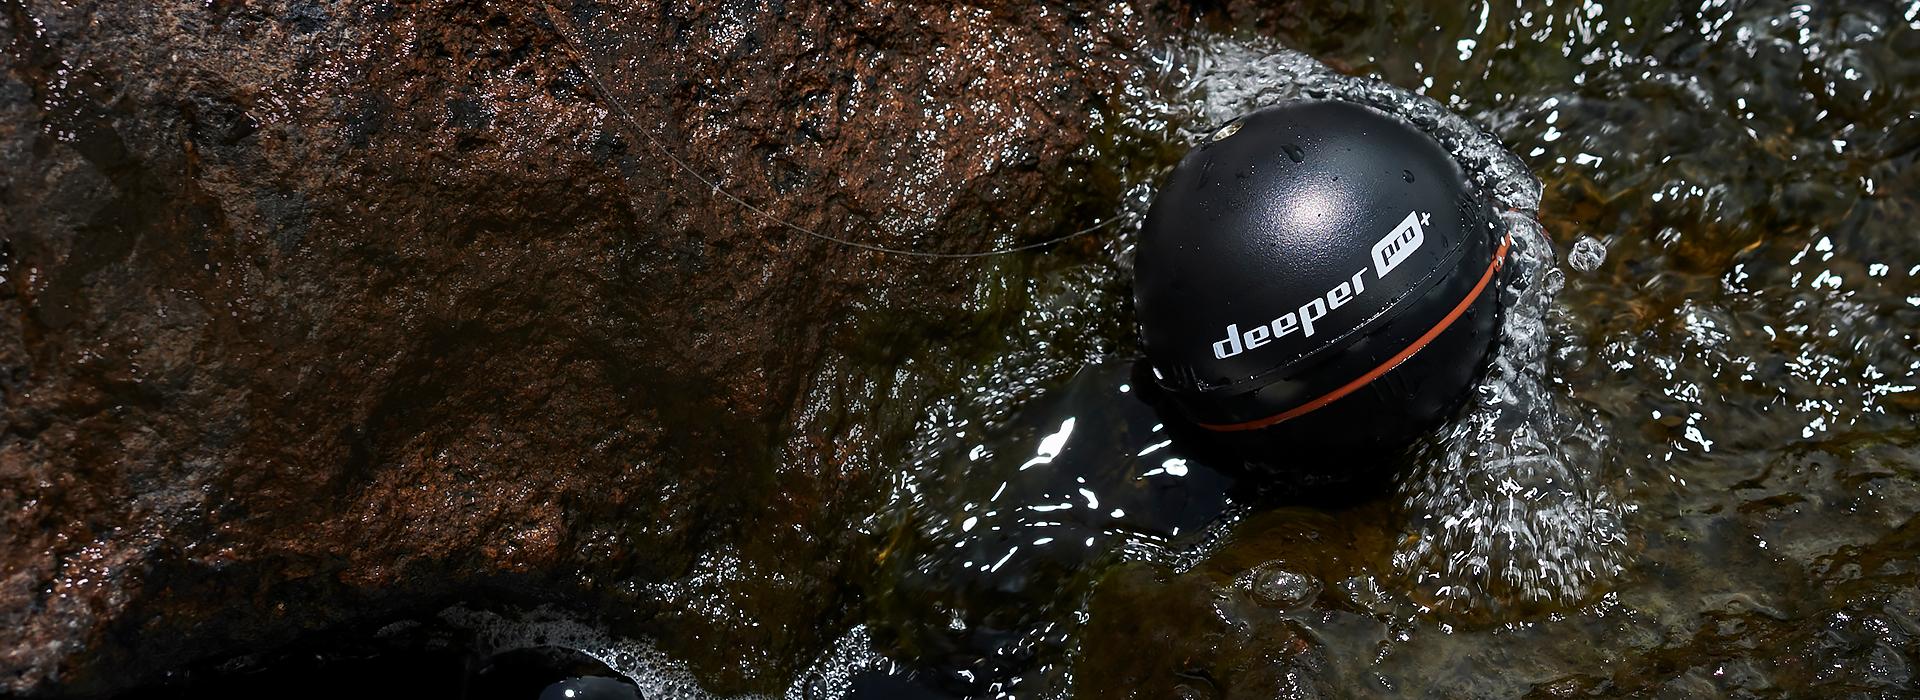 Preparati per la prossima ondata di pesca! Acquista un sonar Deeper a partire da €189.99